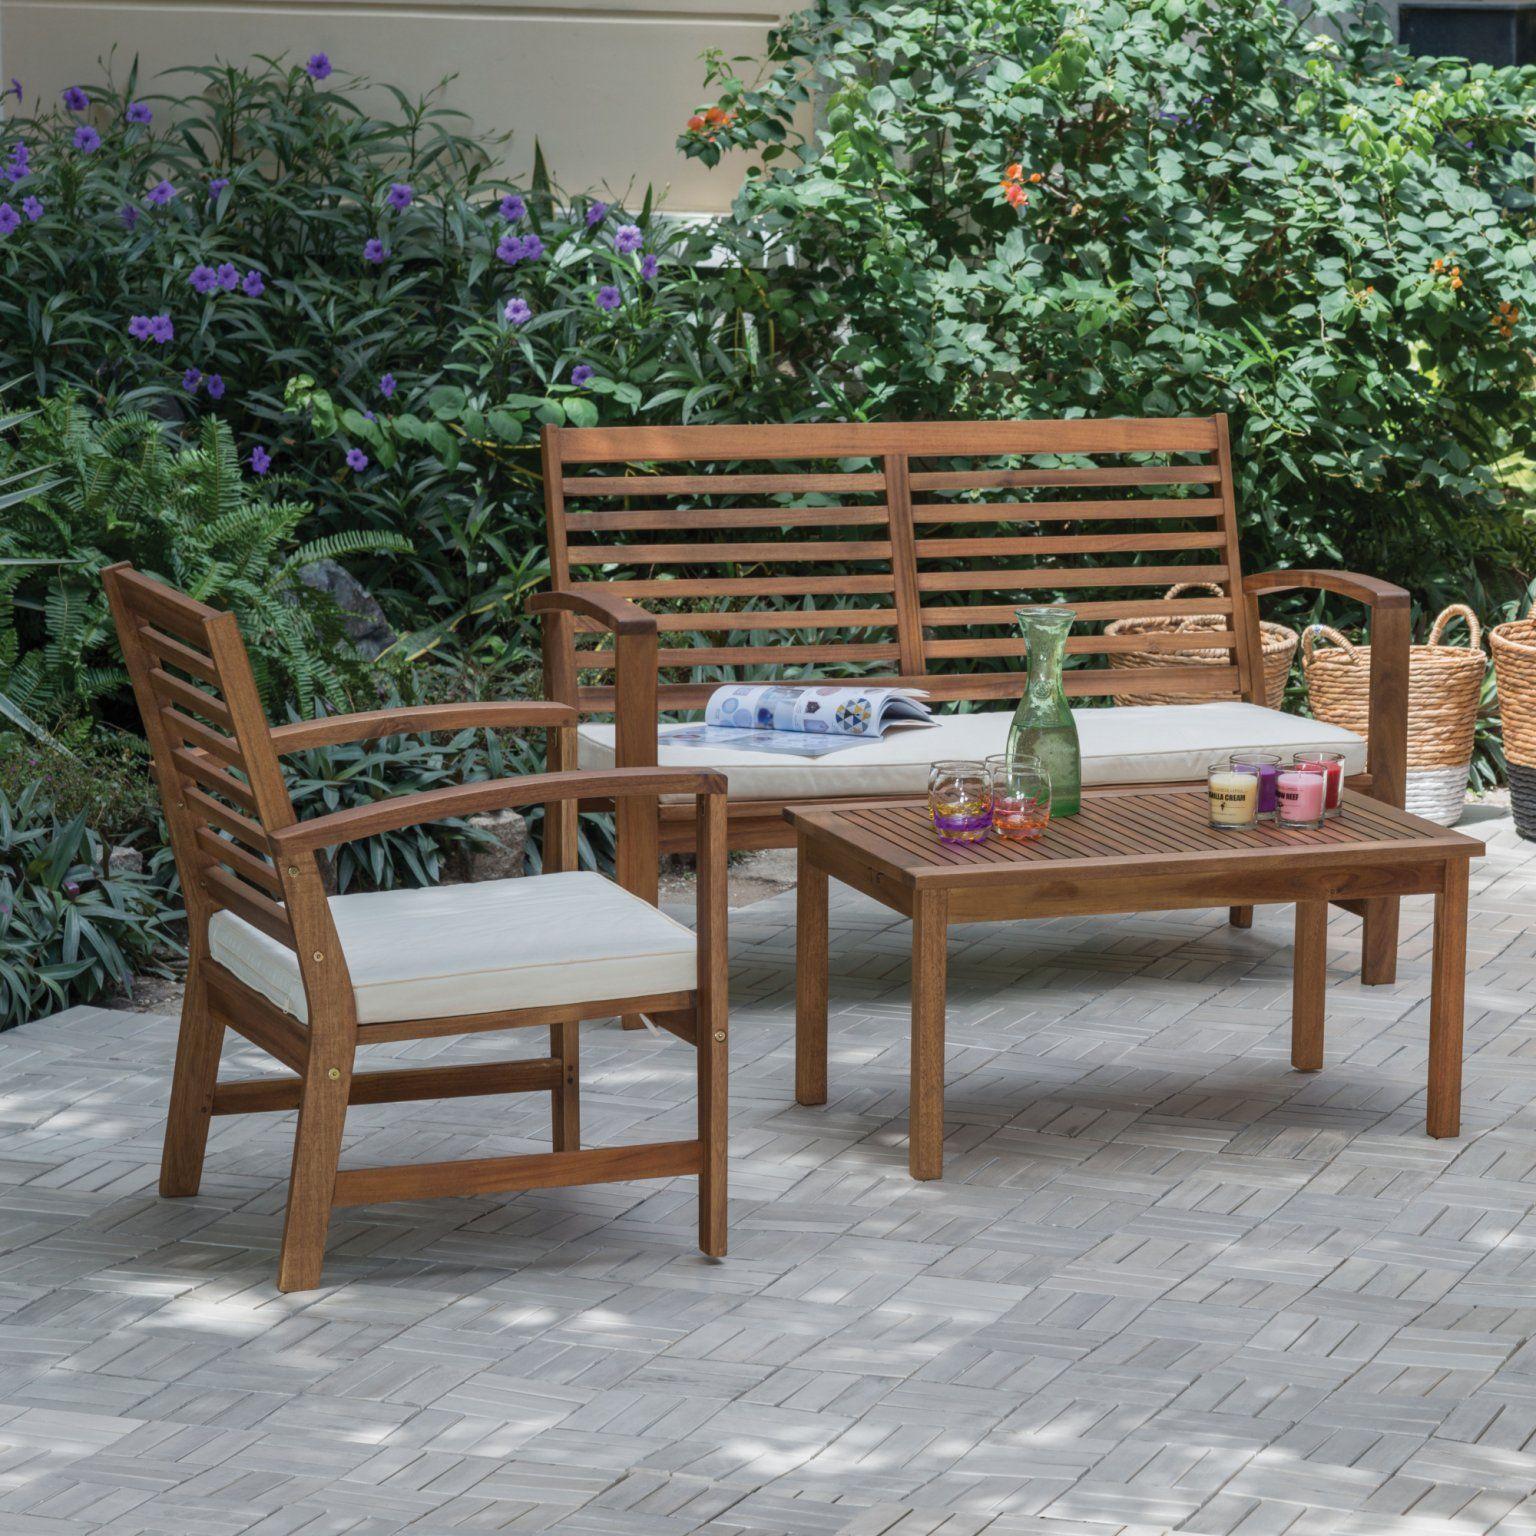 15 Salons De Jardin Quali À Prix Mini ! | Agrément De Jardin ... pour Petit Salon De Jardin Pas Cher